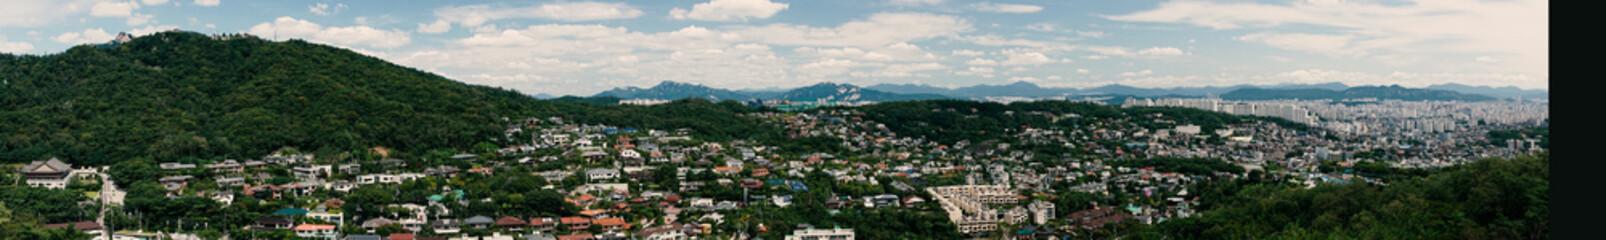 seoul south korea village panorama skyline